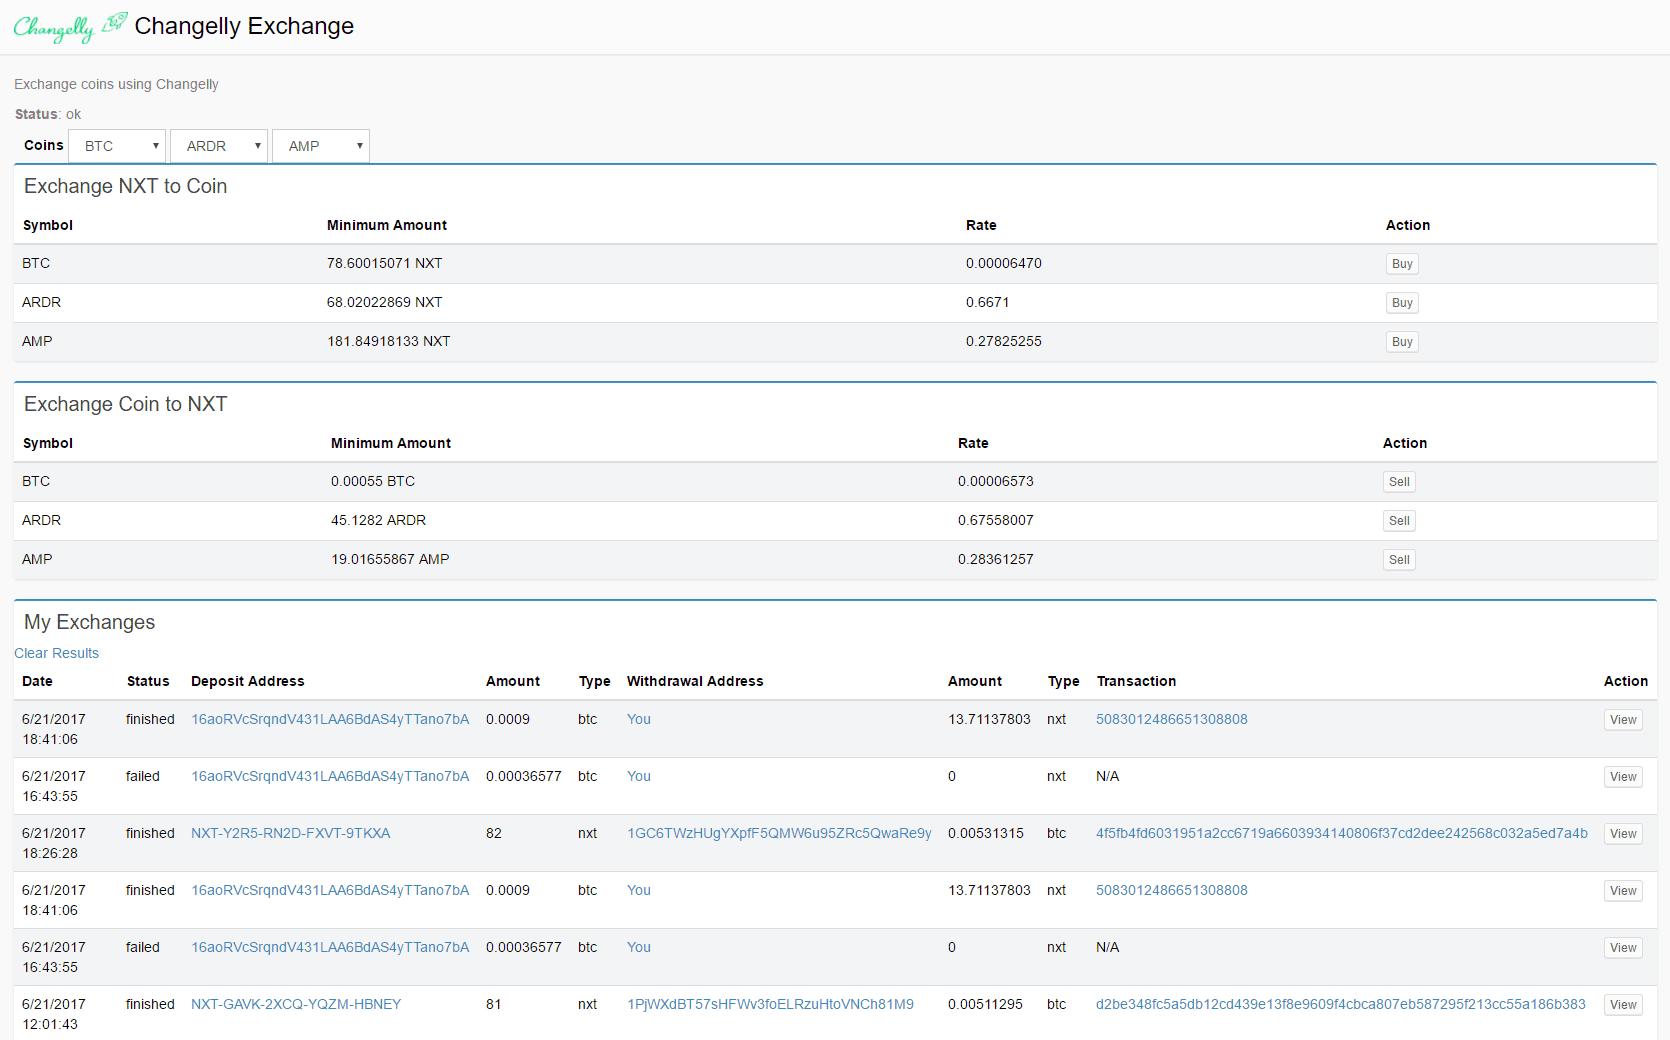 https://drive.google.com/open?id=0B6CzL2REgWiMWHNkYUpvUTBEaU0